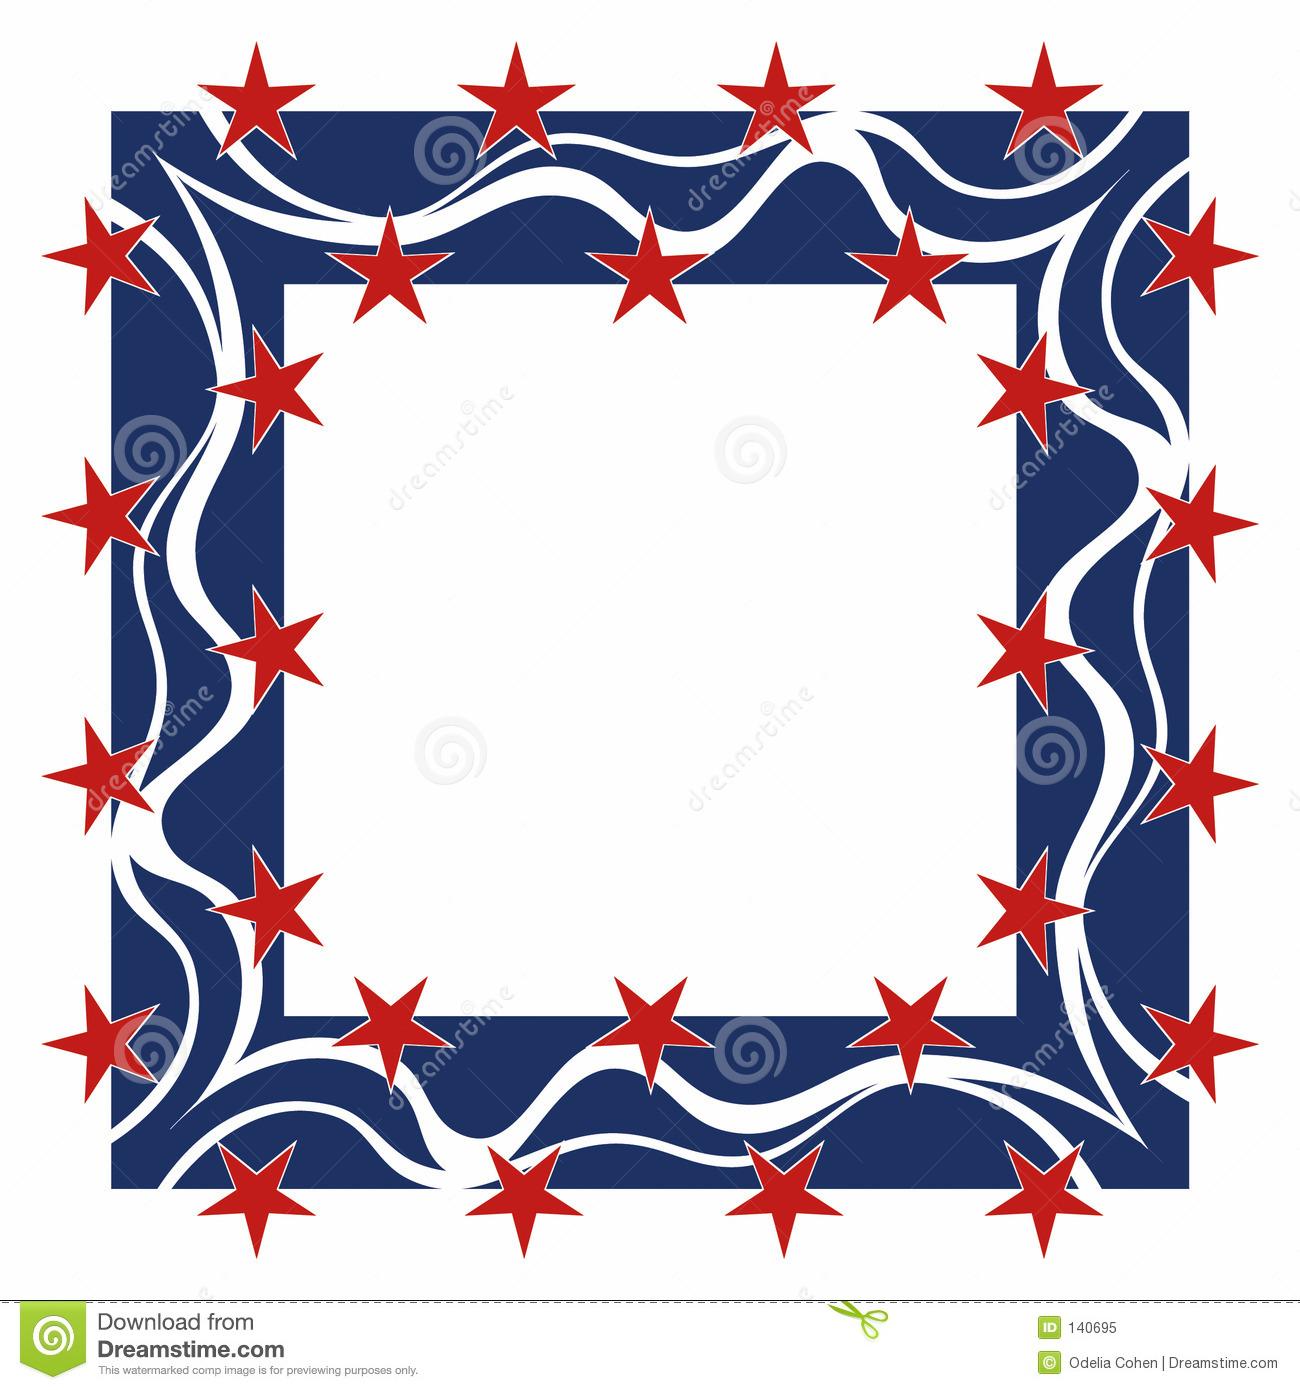 Patriotic Clipart - Clipart Suggest